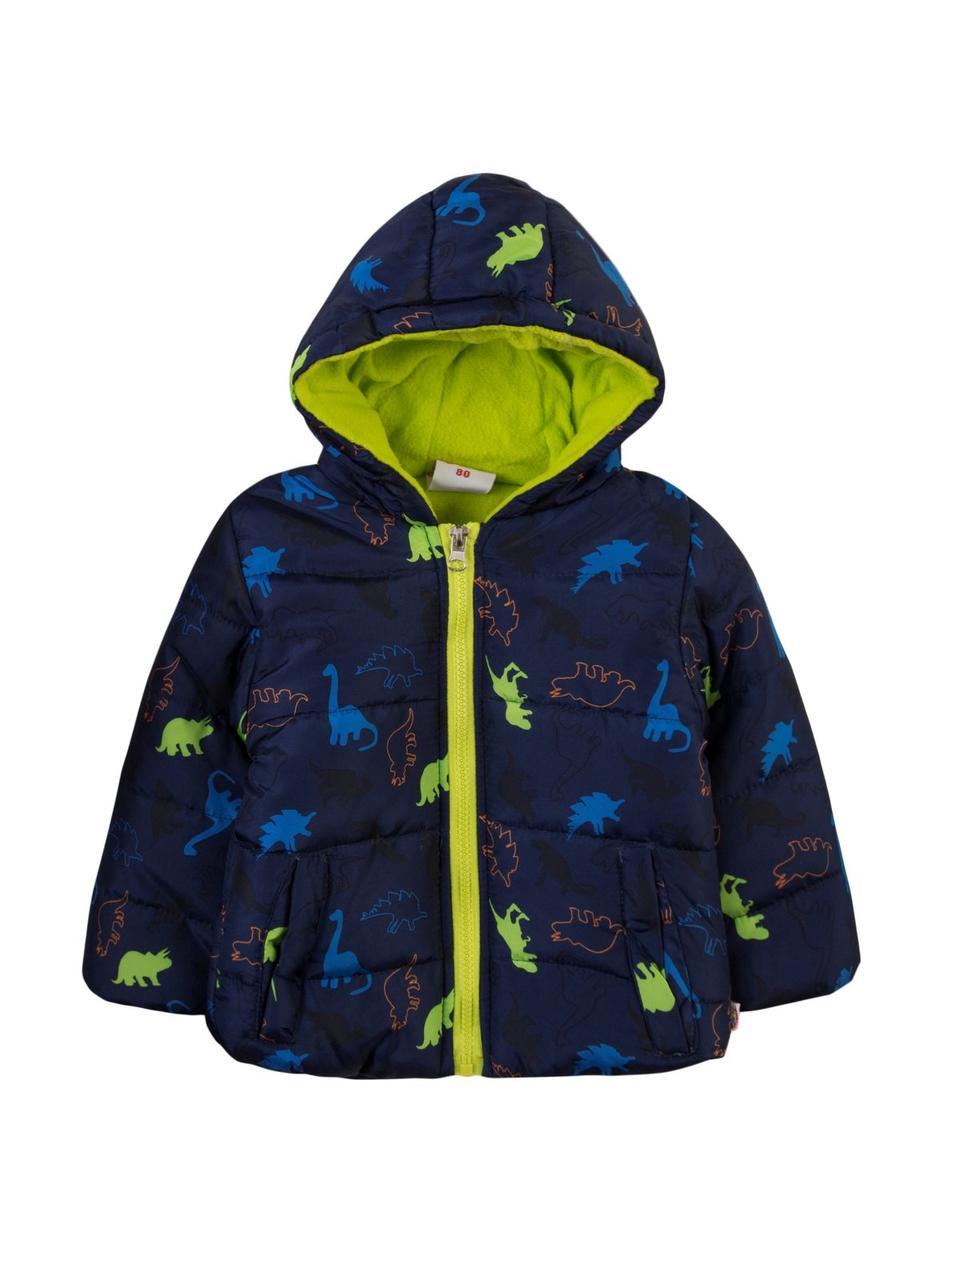 Детская демисезонная куртка на мальчика 1,5-2 года Польша Размер 86